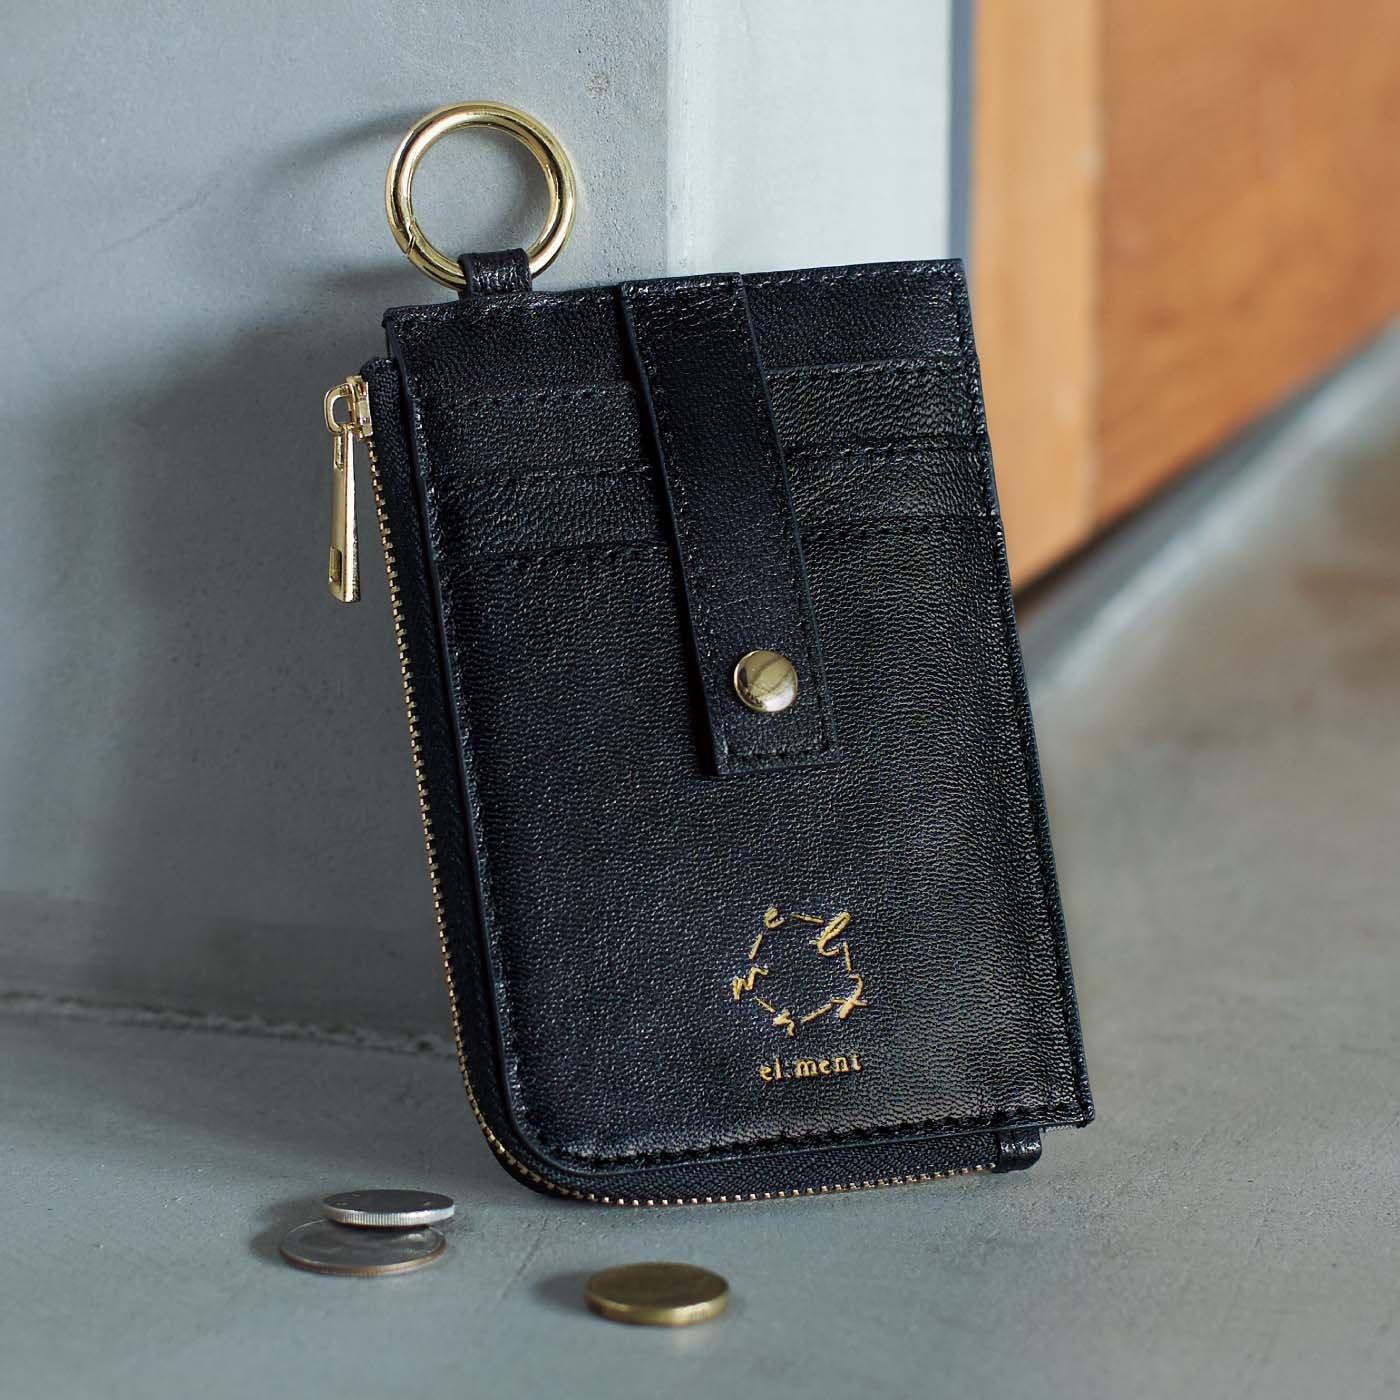 el:ment 味わい育てるしなやか本革 スリムなのにたくさん入る ミニマル財布